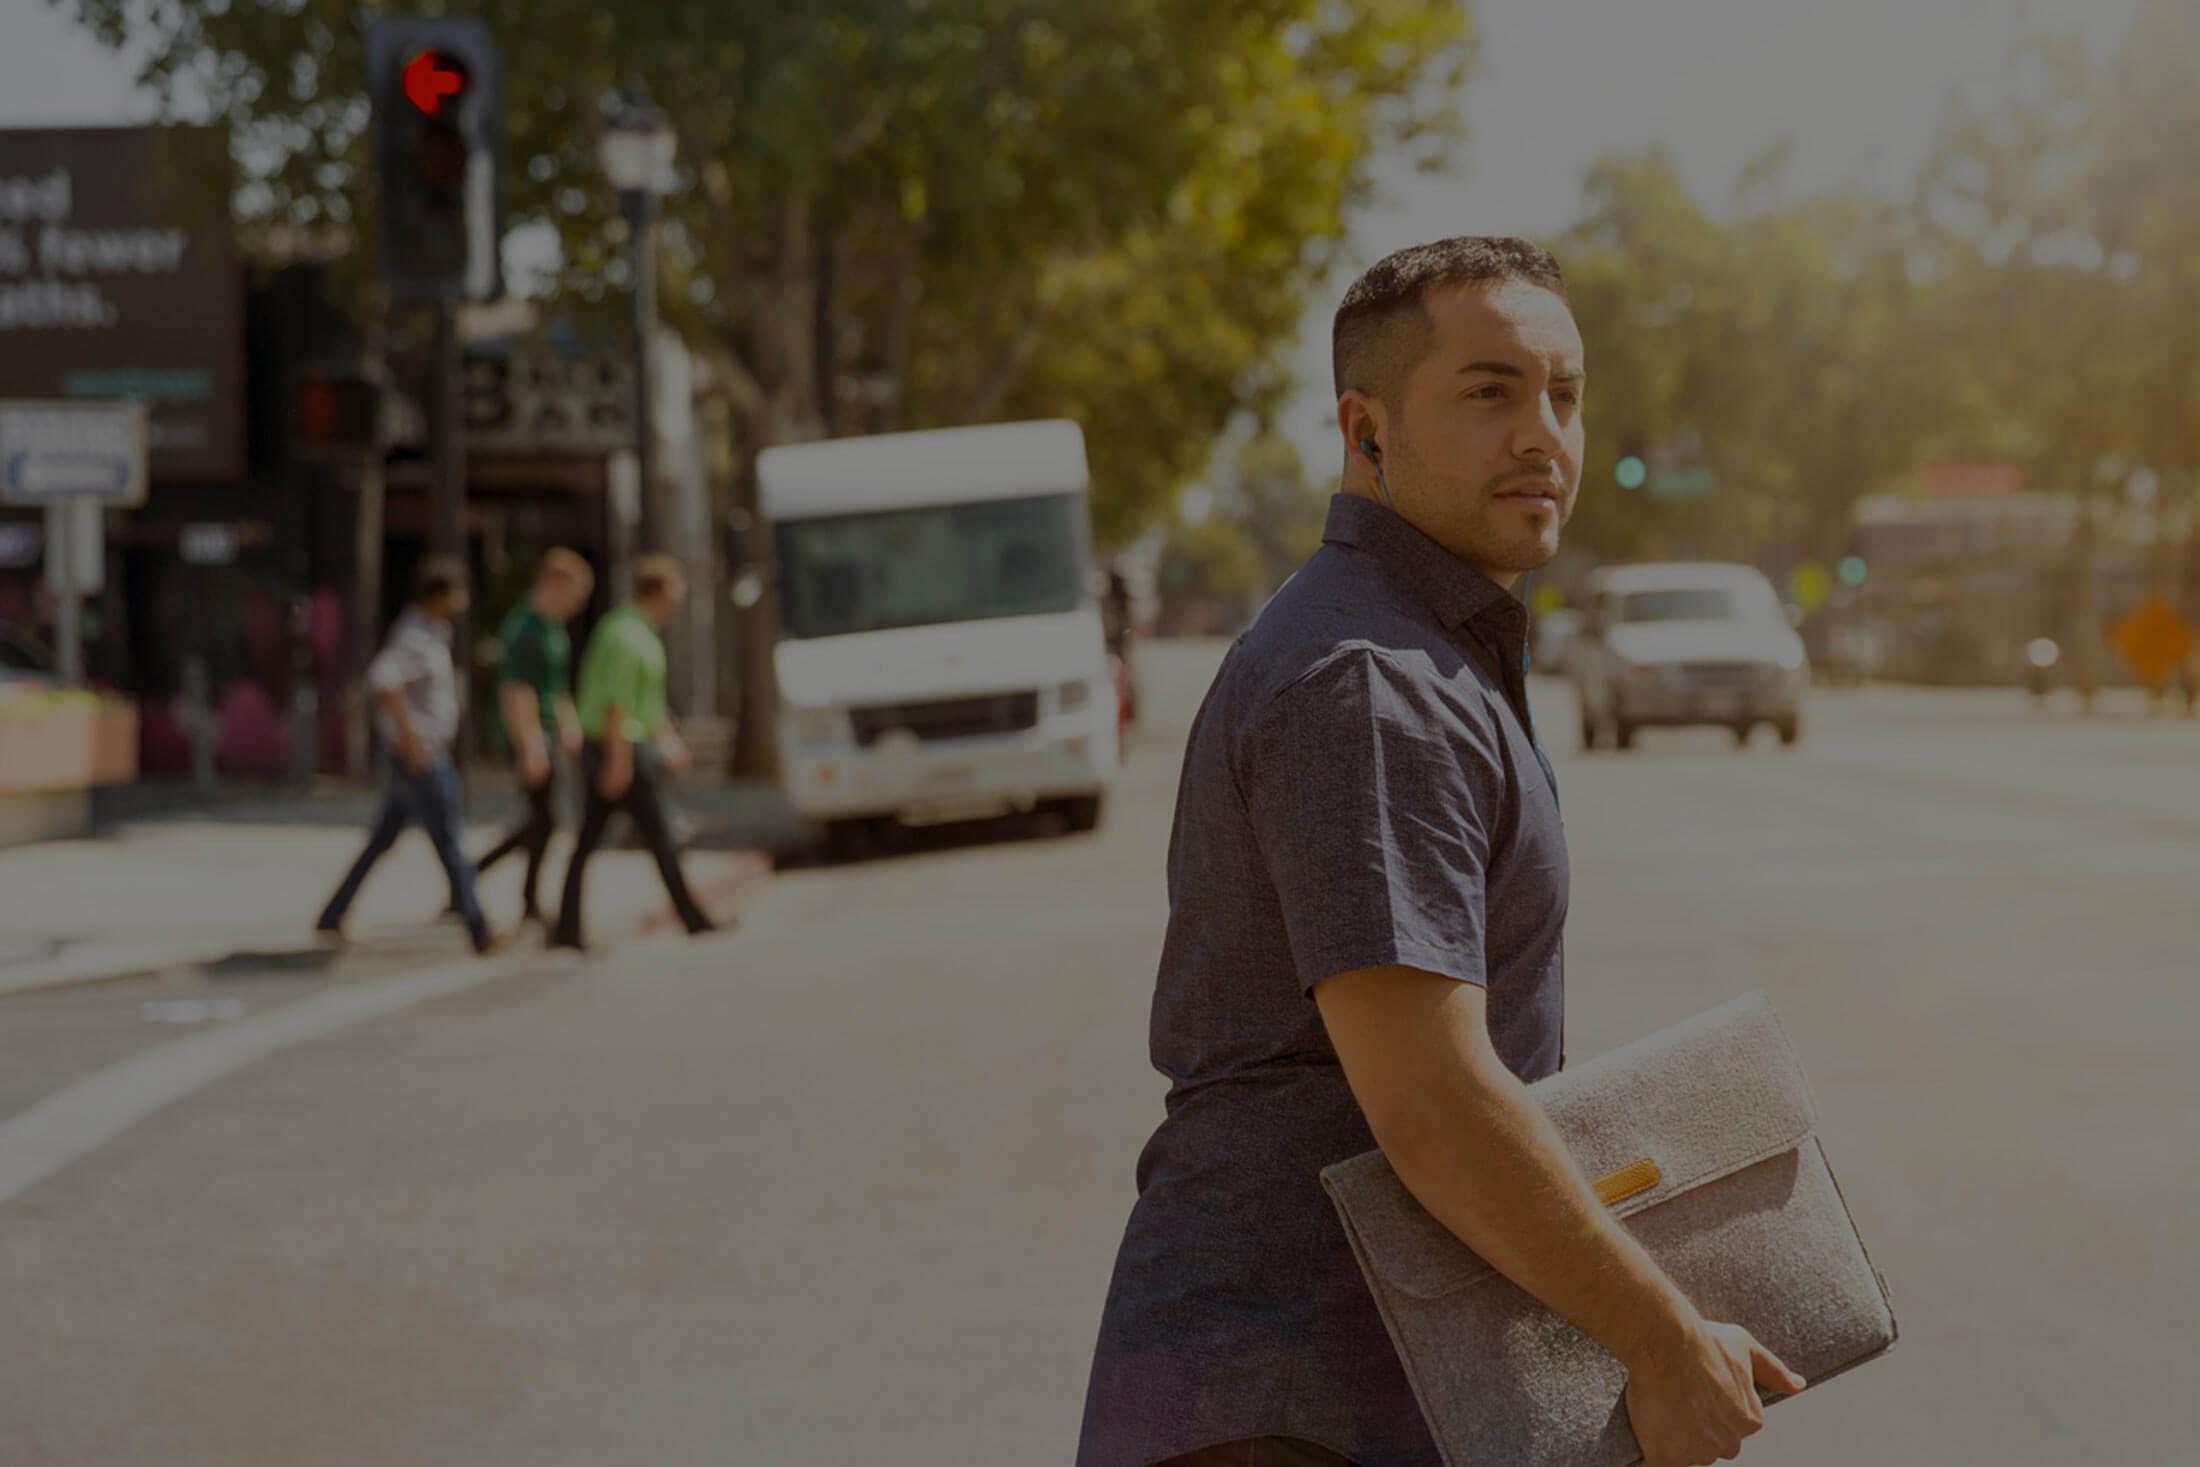 Pole emploi - offre emploi Menuisier / poseur (H/F) - Gorron